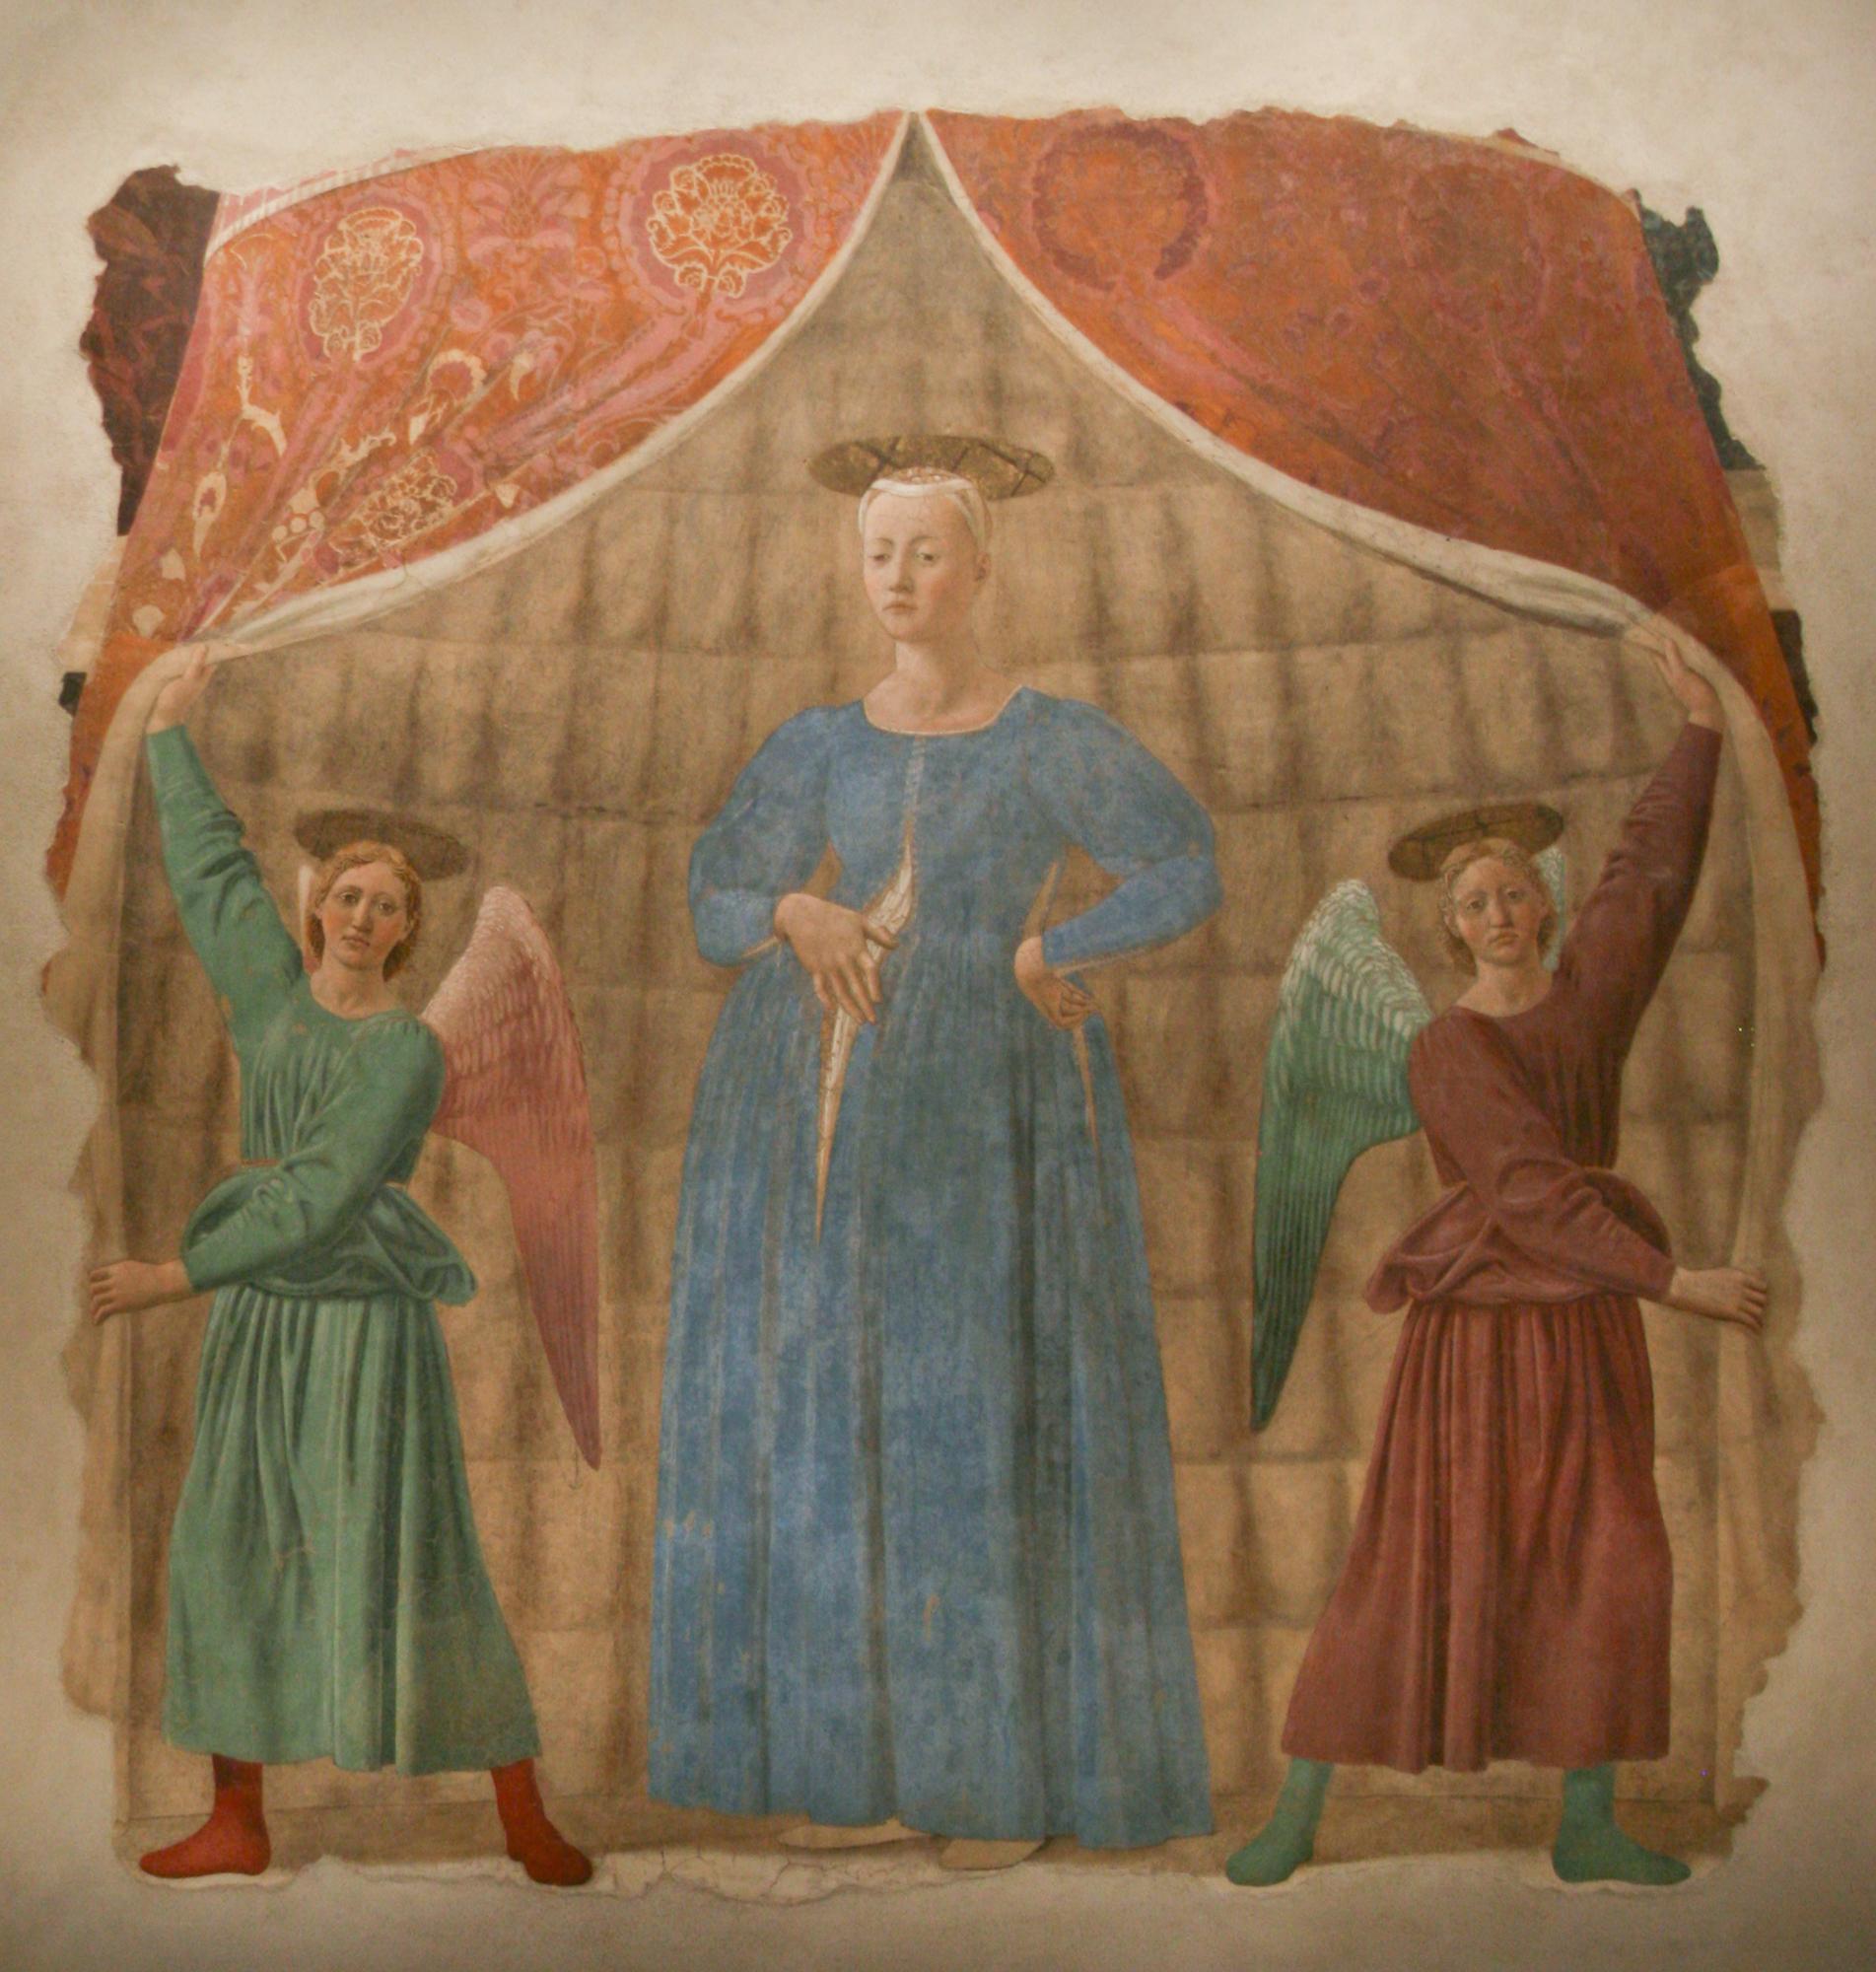 Piero-della-Francesca-Madonna-del-Parto-Sansepolcro